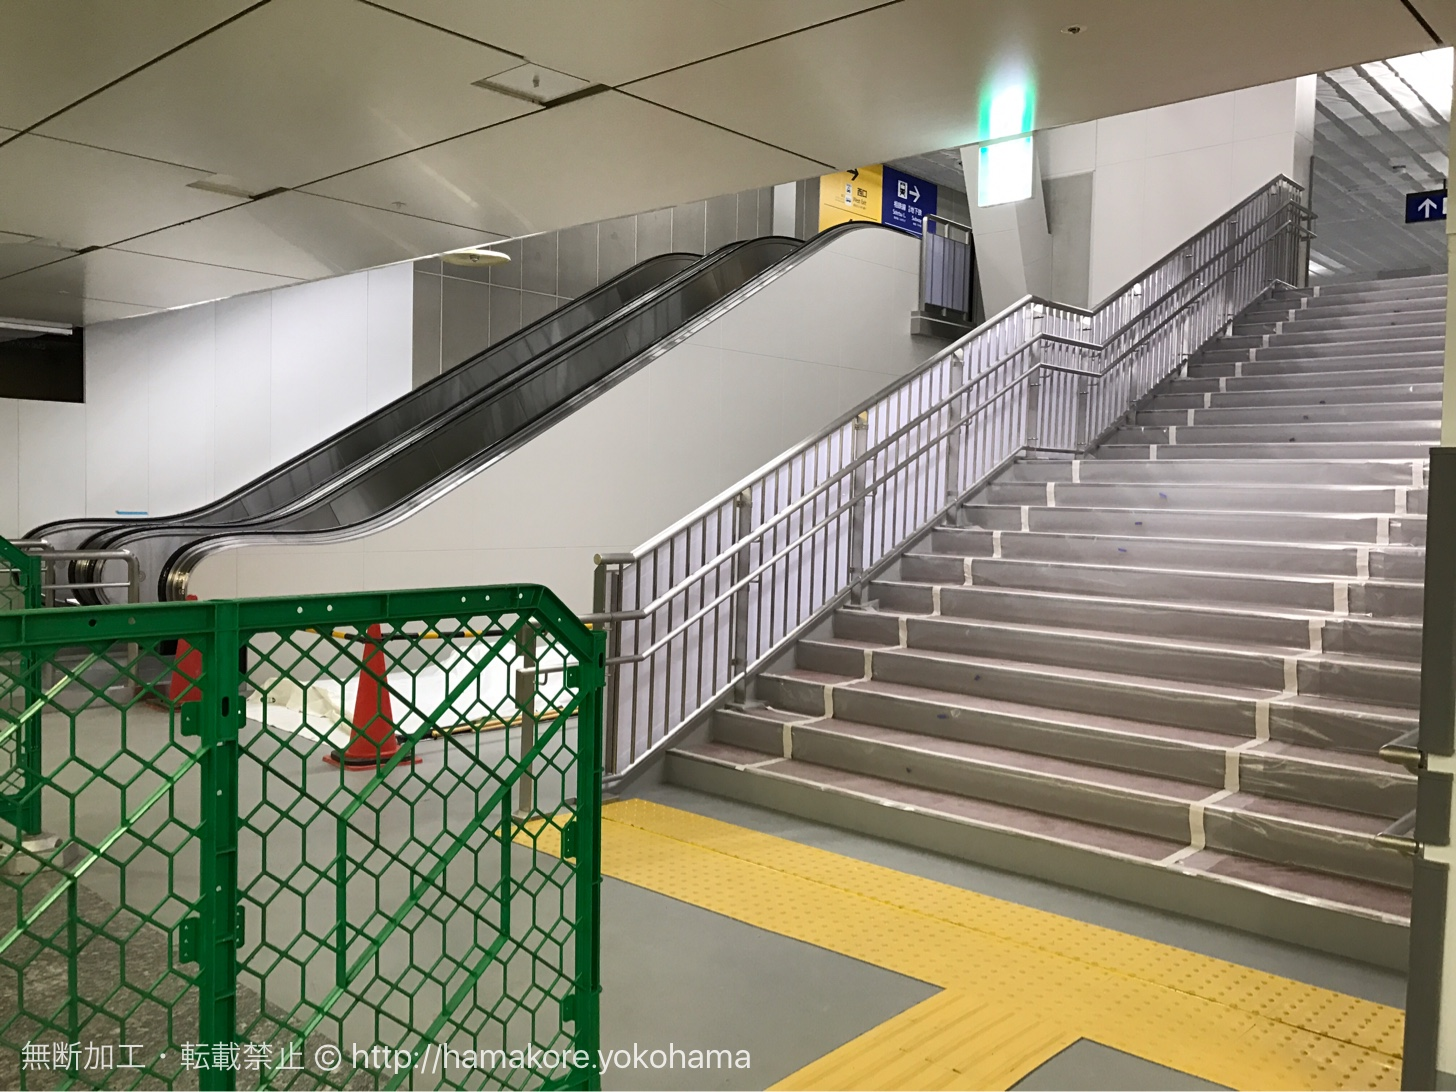 横浜駅中央通路